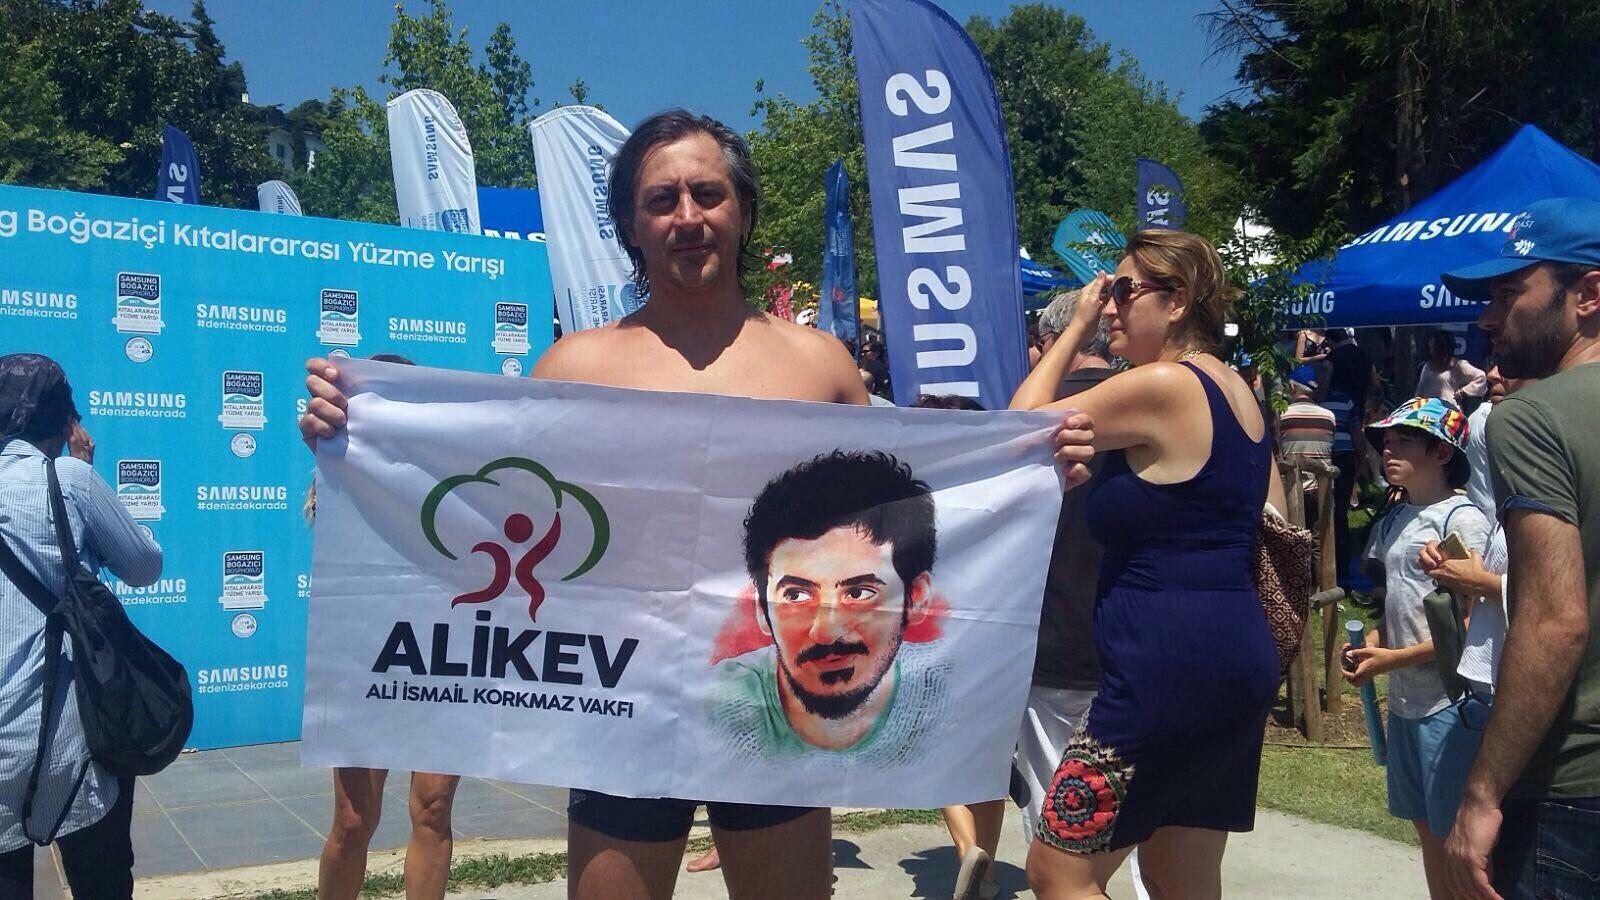 Turkcell'in yeni rezaleti ortaya çıktı: 12 yıllık çalışanını ALİKEV'e destek verdiği gerekçesiyle işten atmış